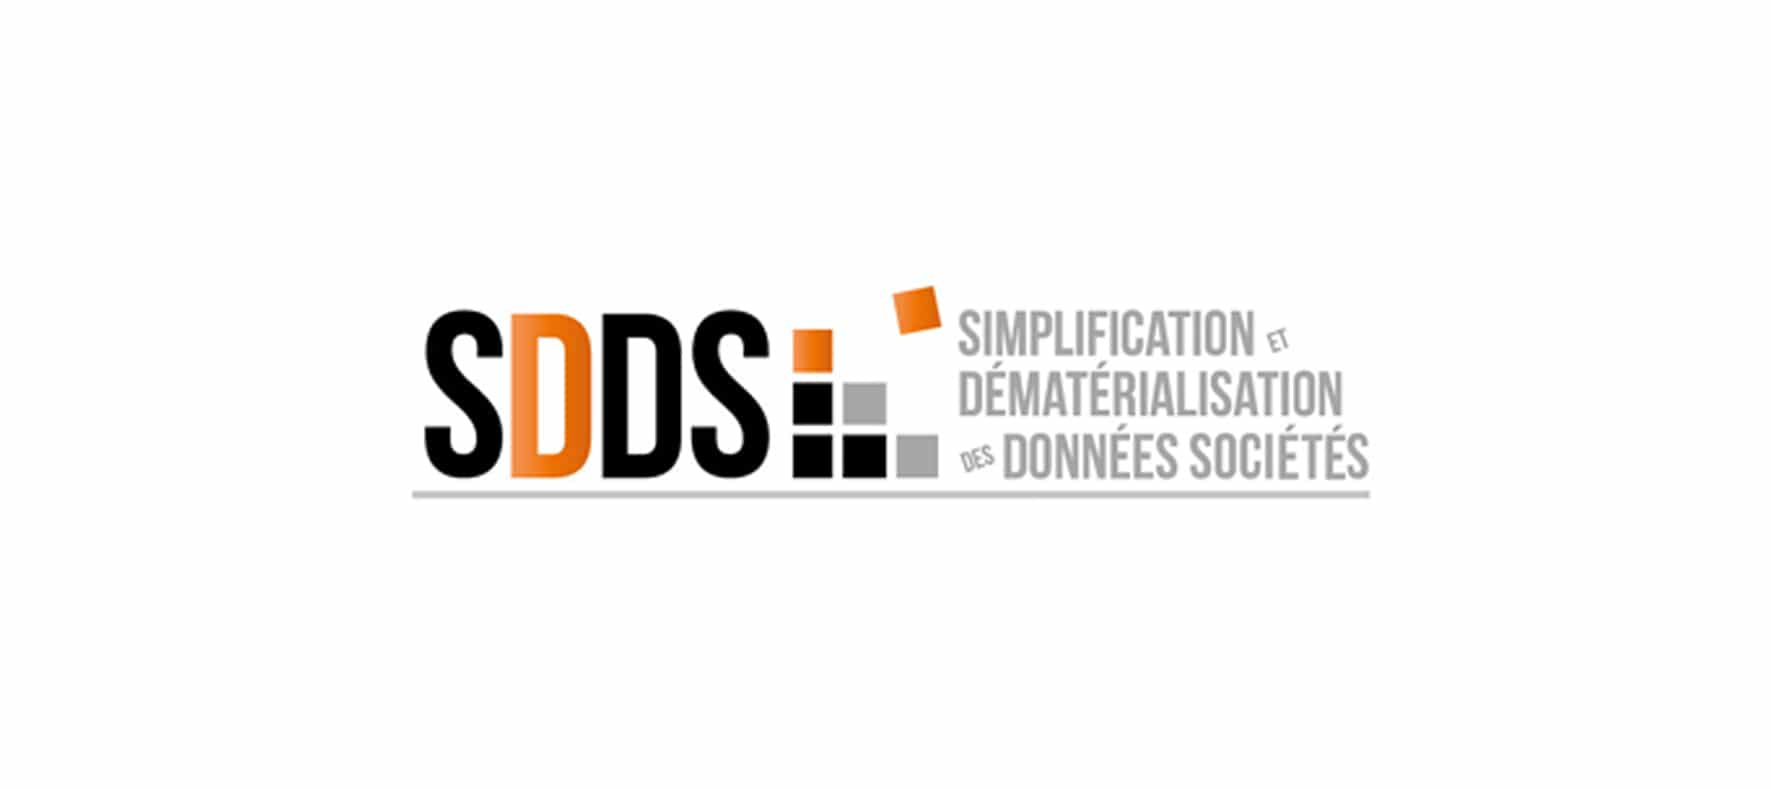 Accompagnement Communication pour Simplification Dématérialisation des Données Sociétés